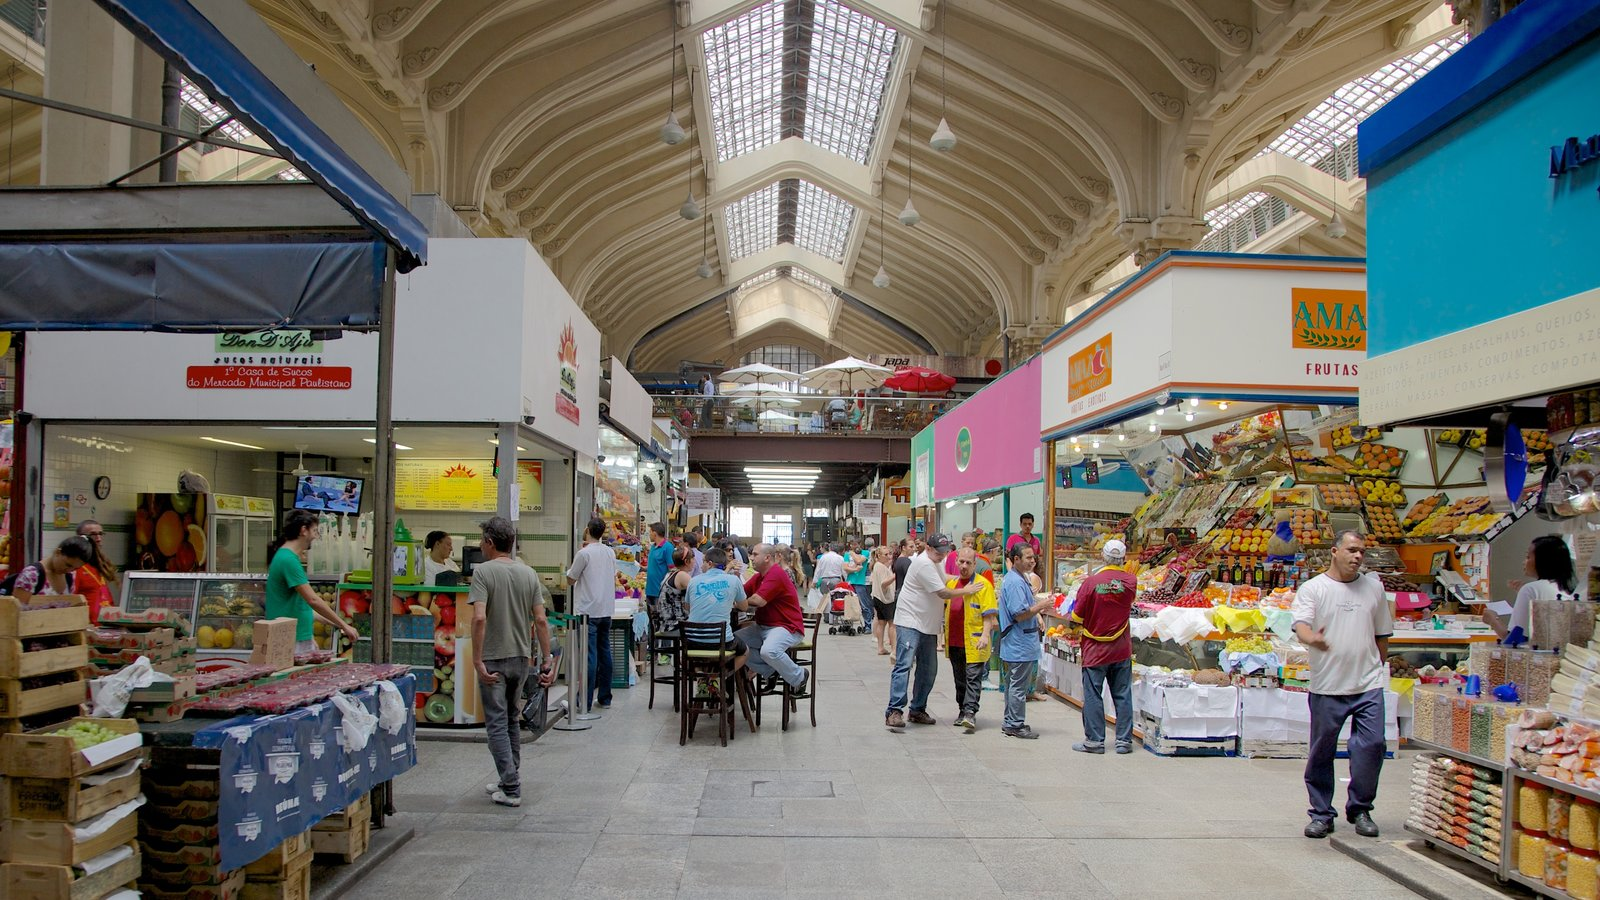 Mercado Municipal que inclui mercados e vistas internas assim como um grande grupo de pessoas